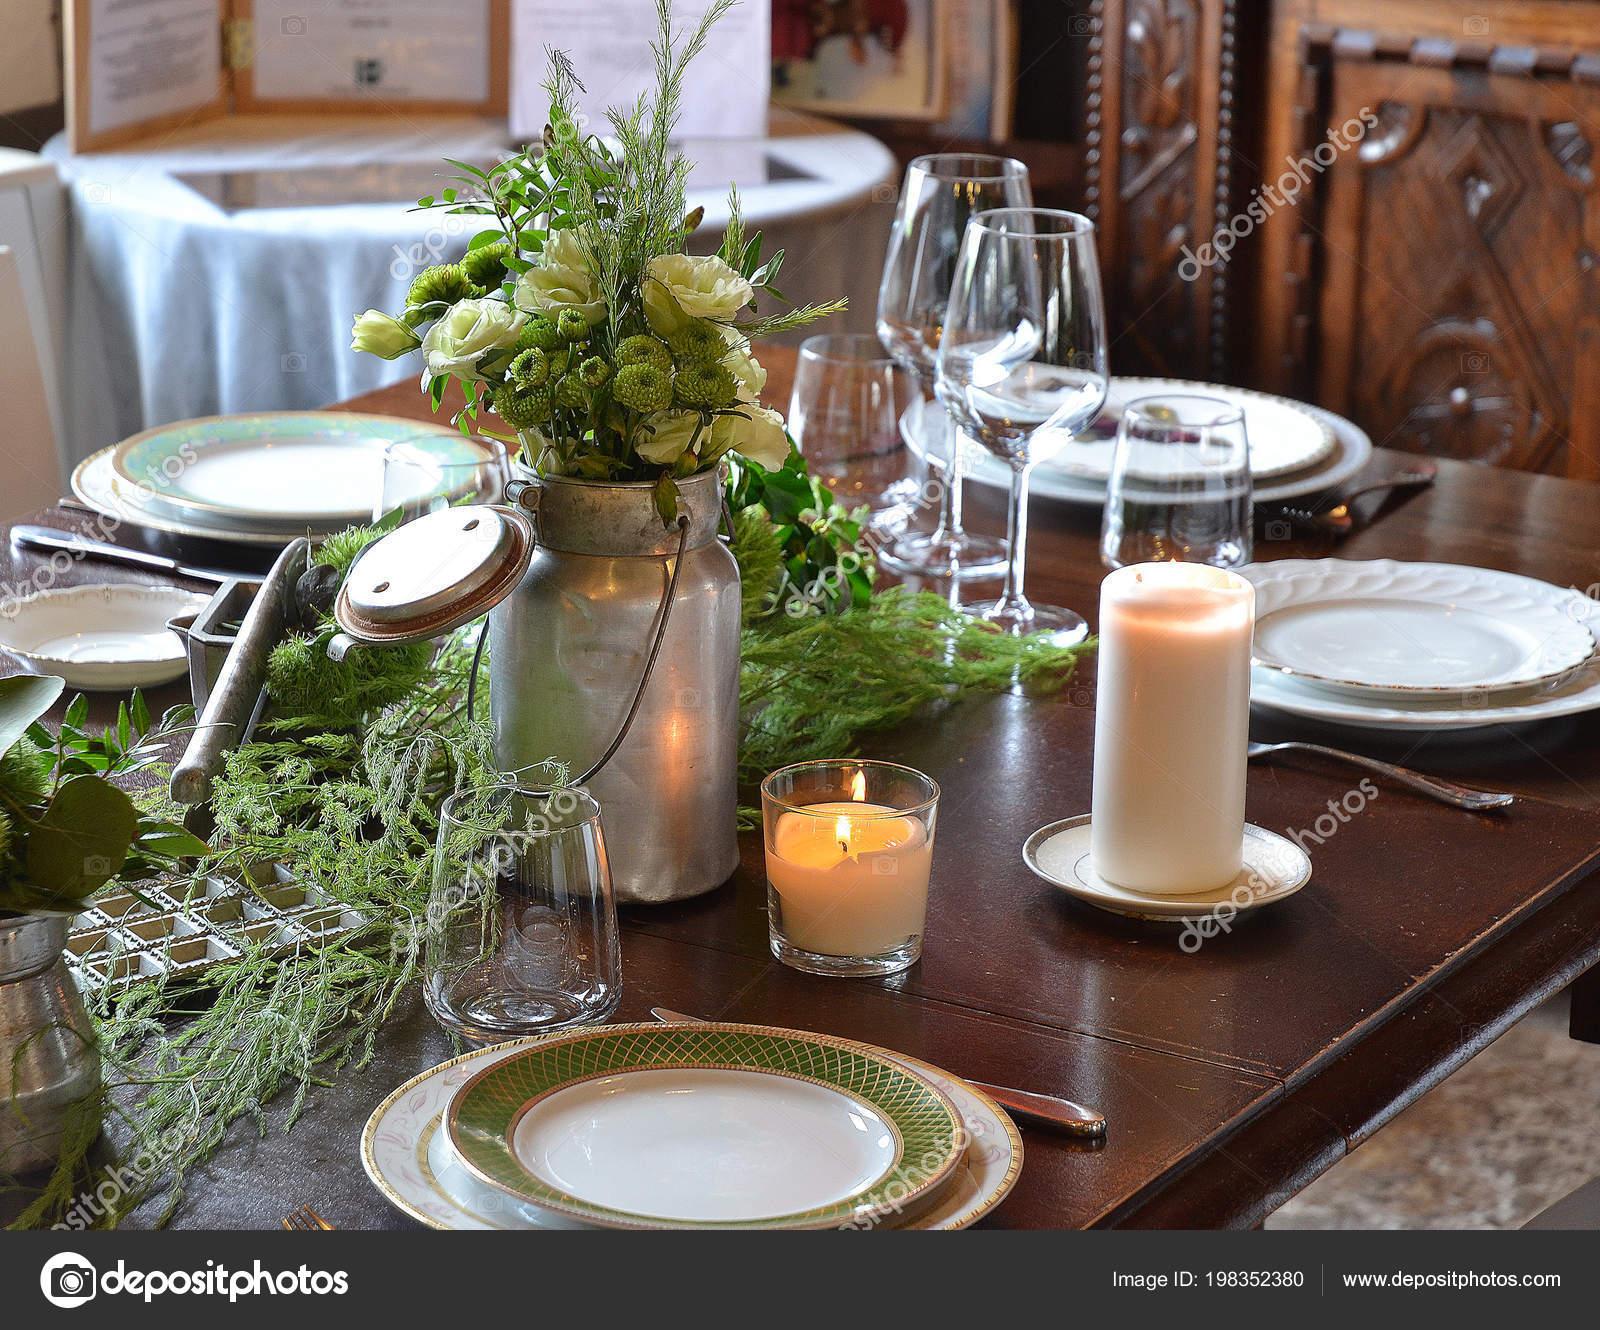 Blumen Restaurant Tisch Dekoration Fur Den Urlaub Stockfoto